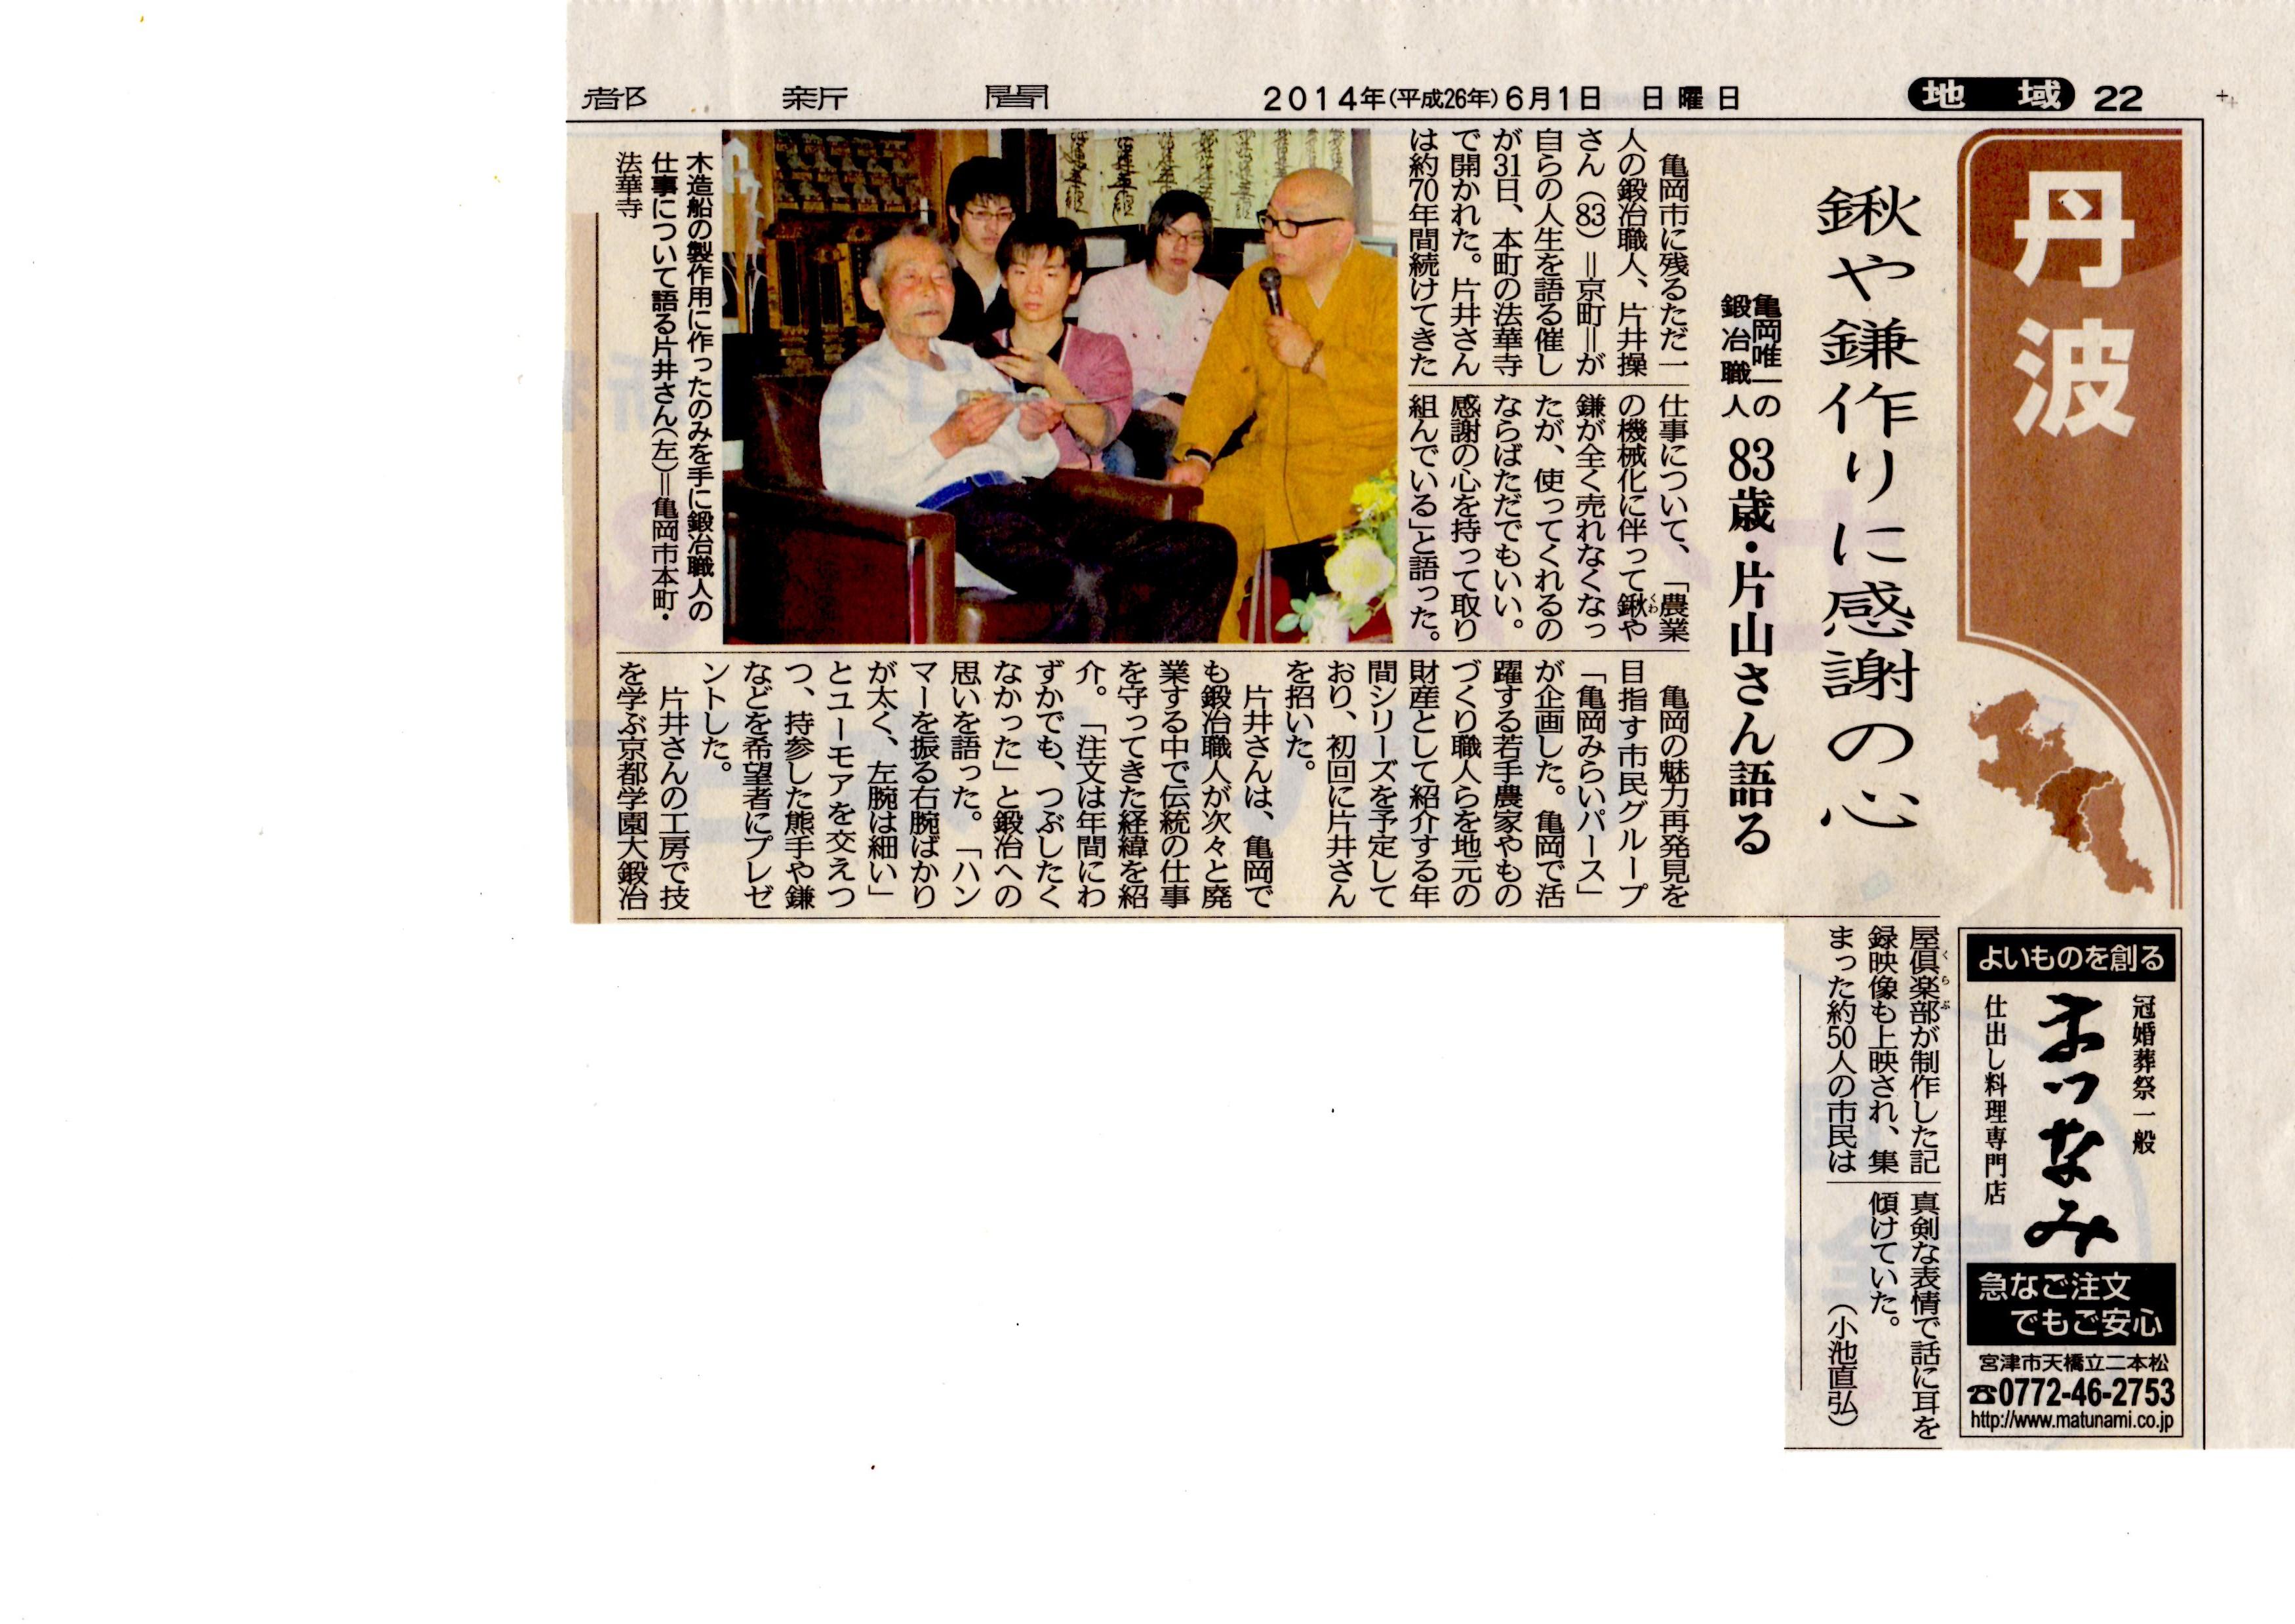 6月1日京都新聞